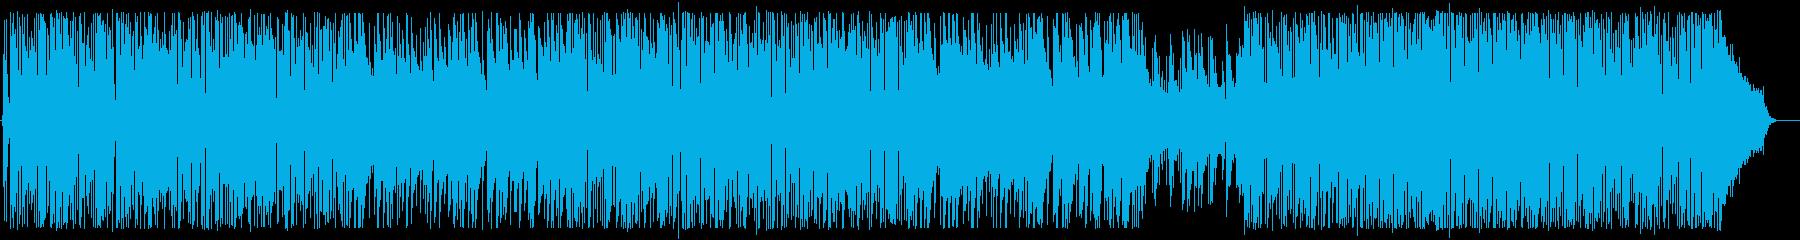 はじけるようなシンセサイザーポップの再生済みの波形